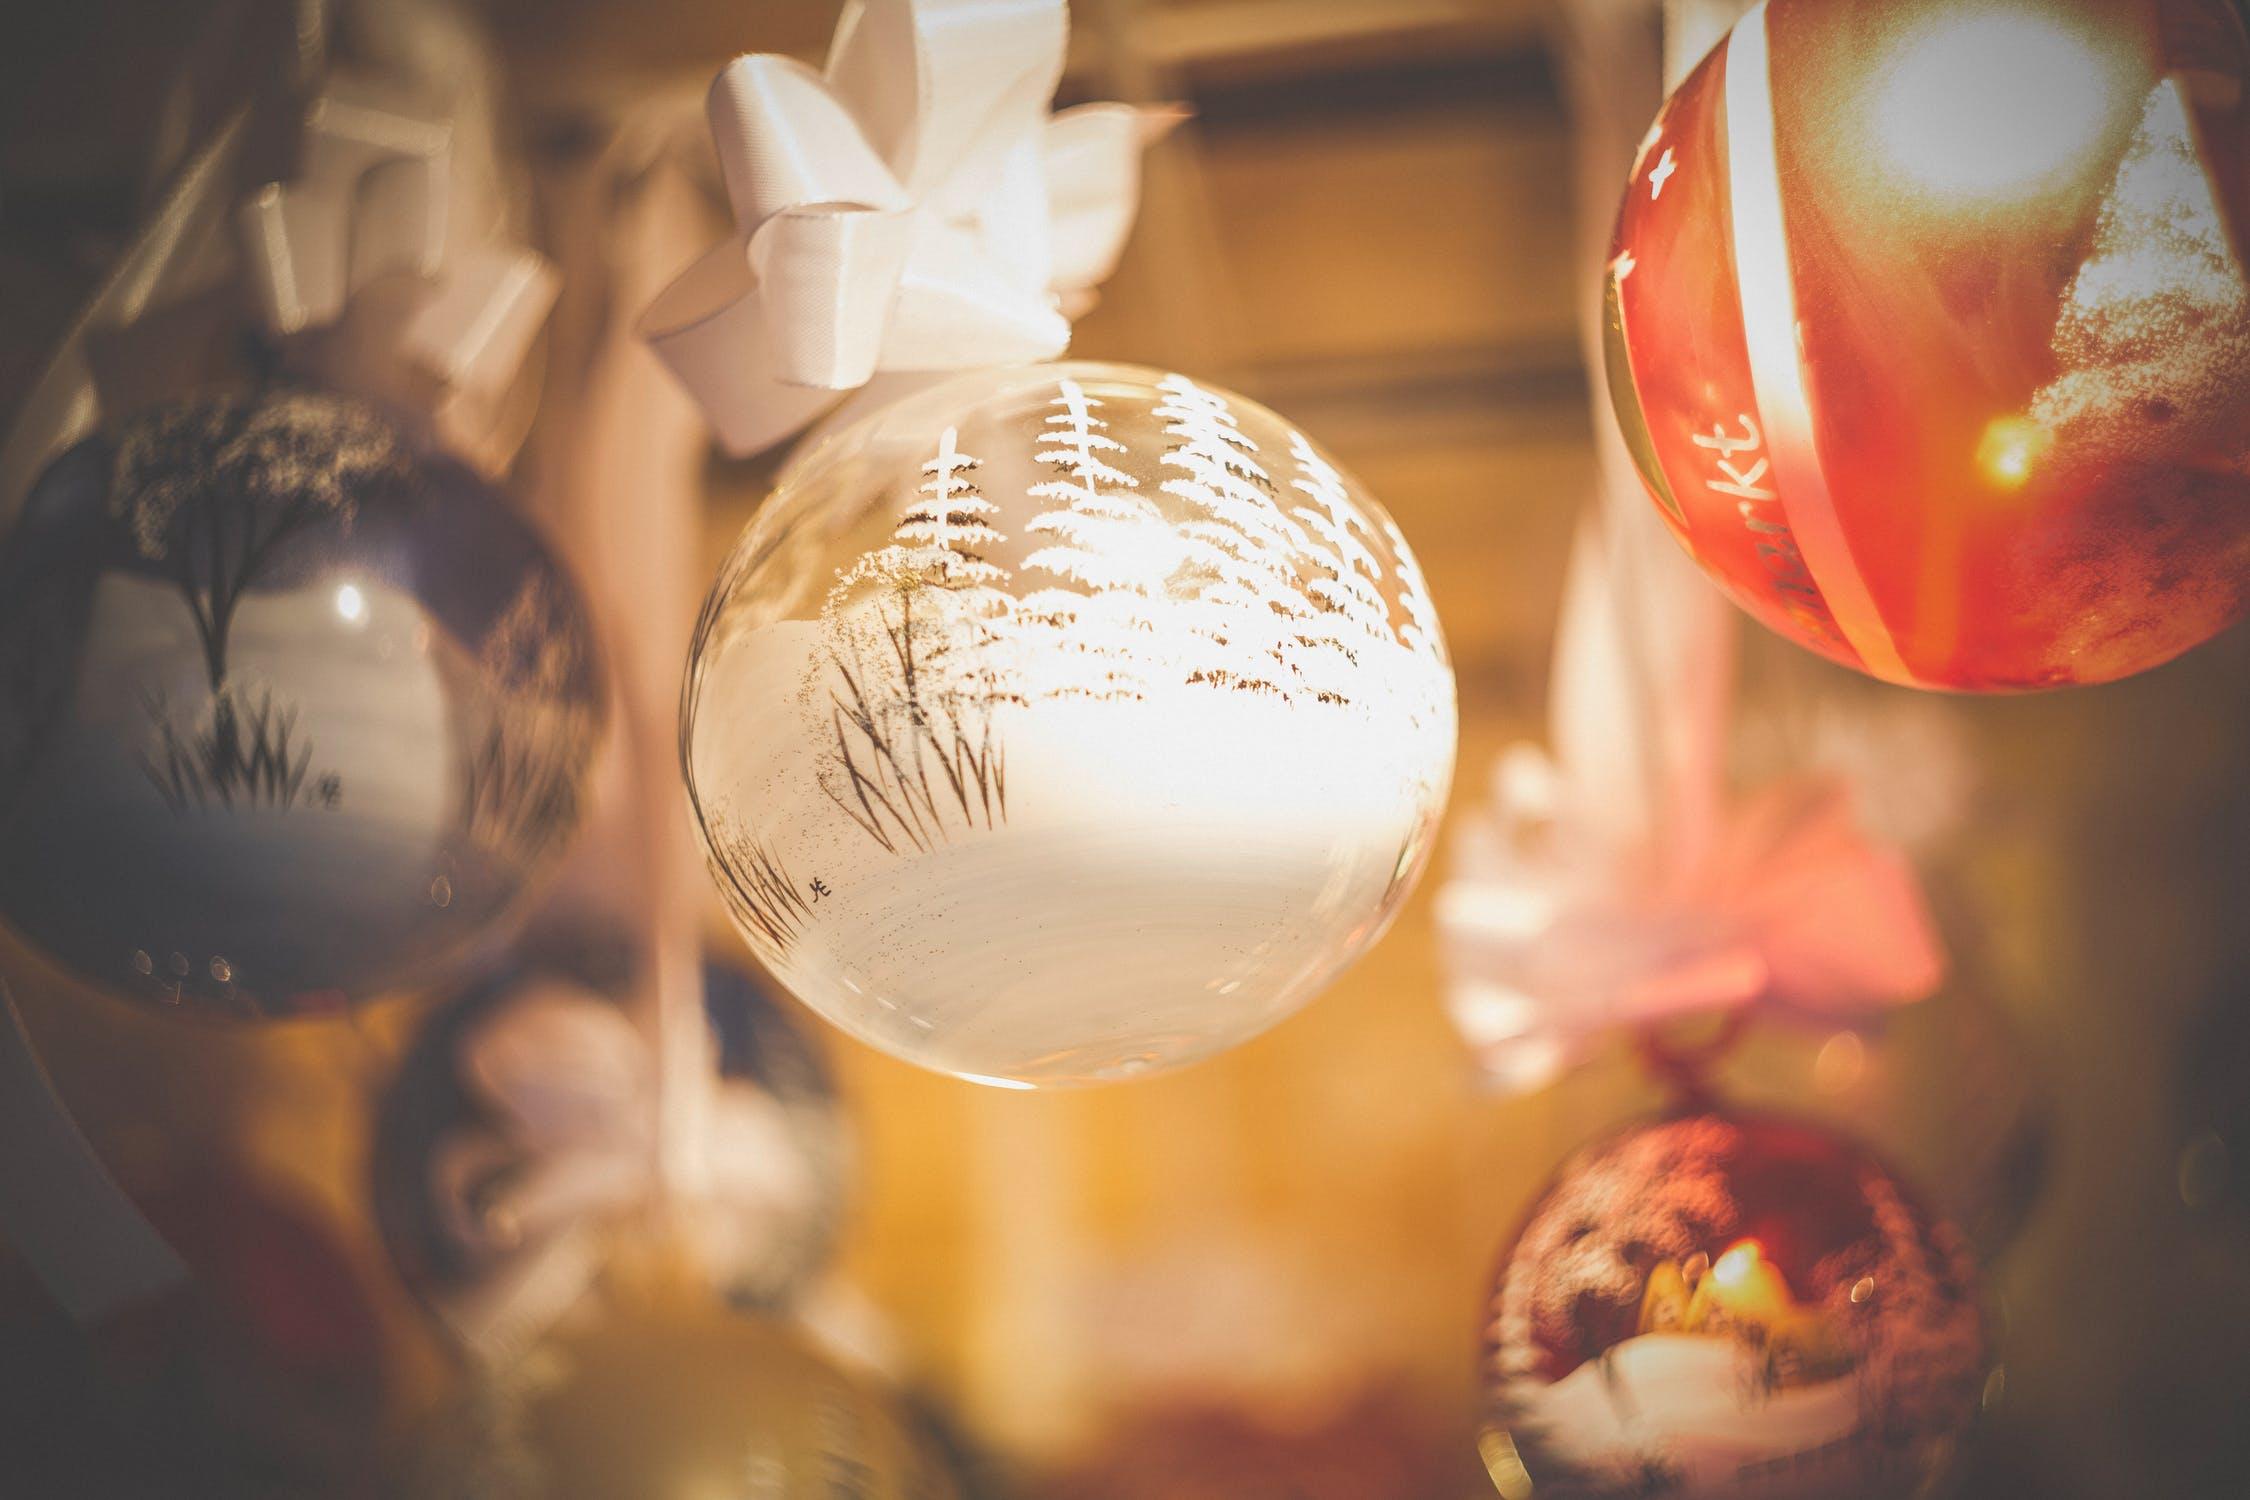 DIY ornaments gift idea